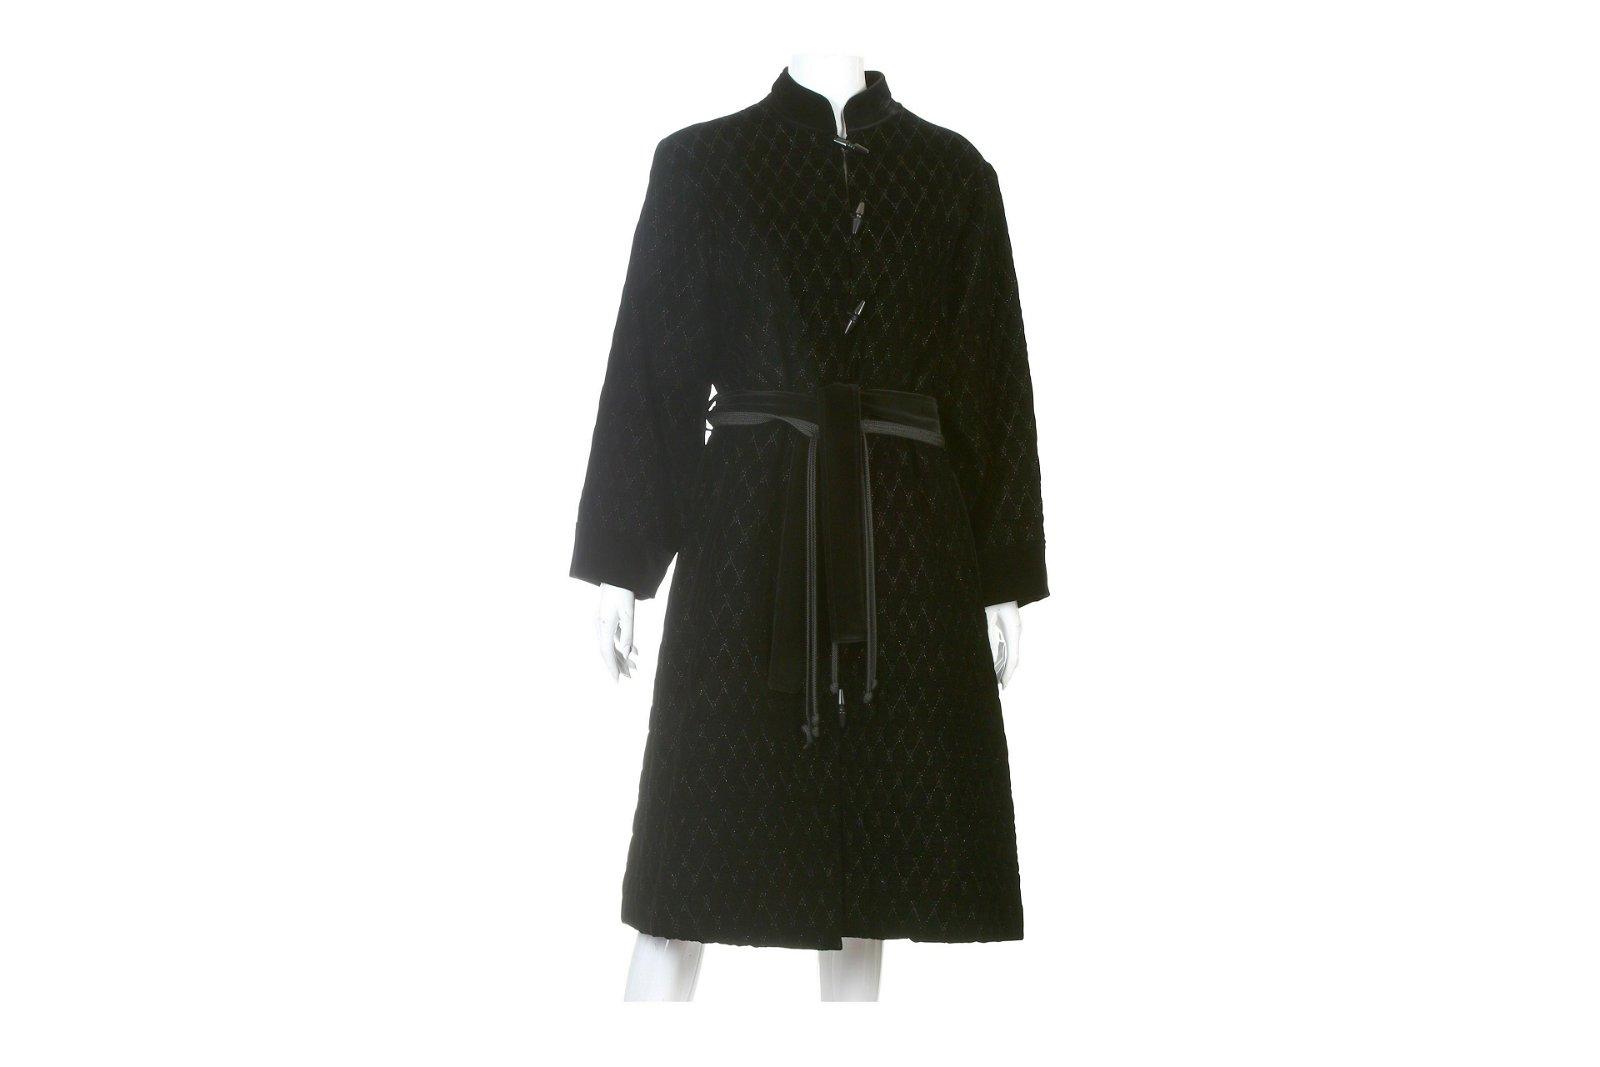 Yves Saint Laurent Black Velvet Coat